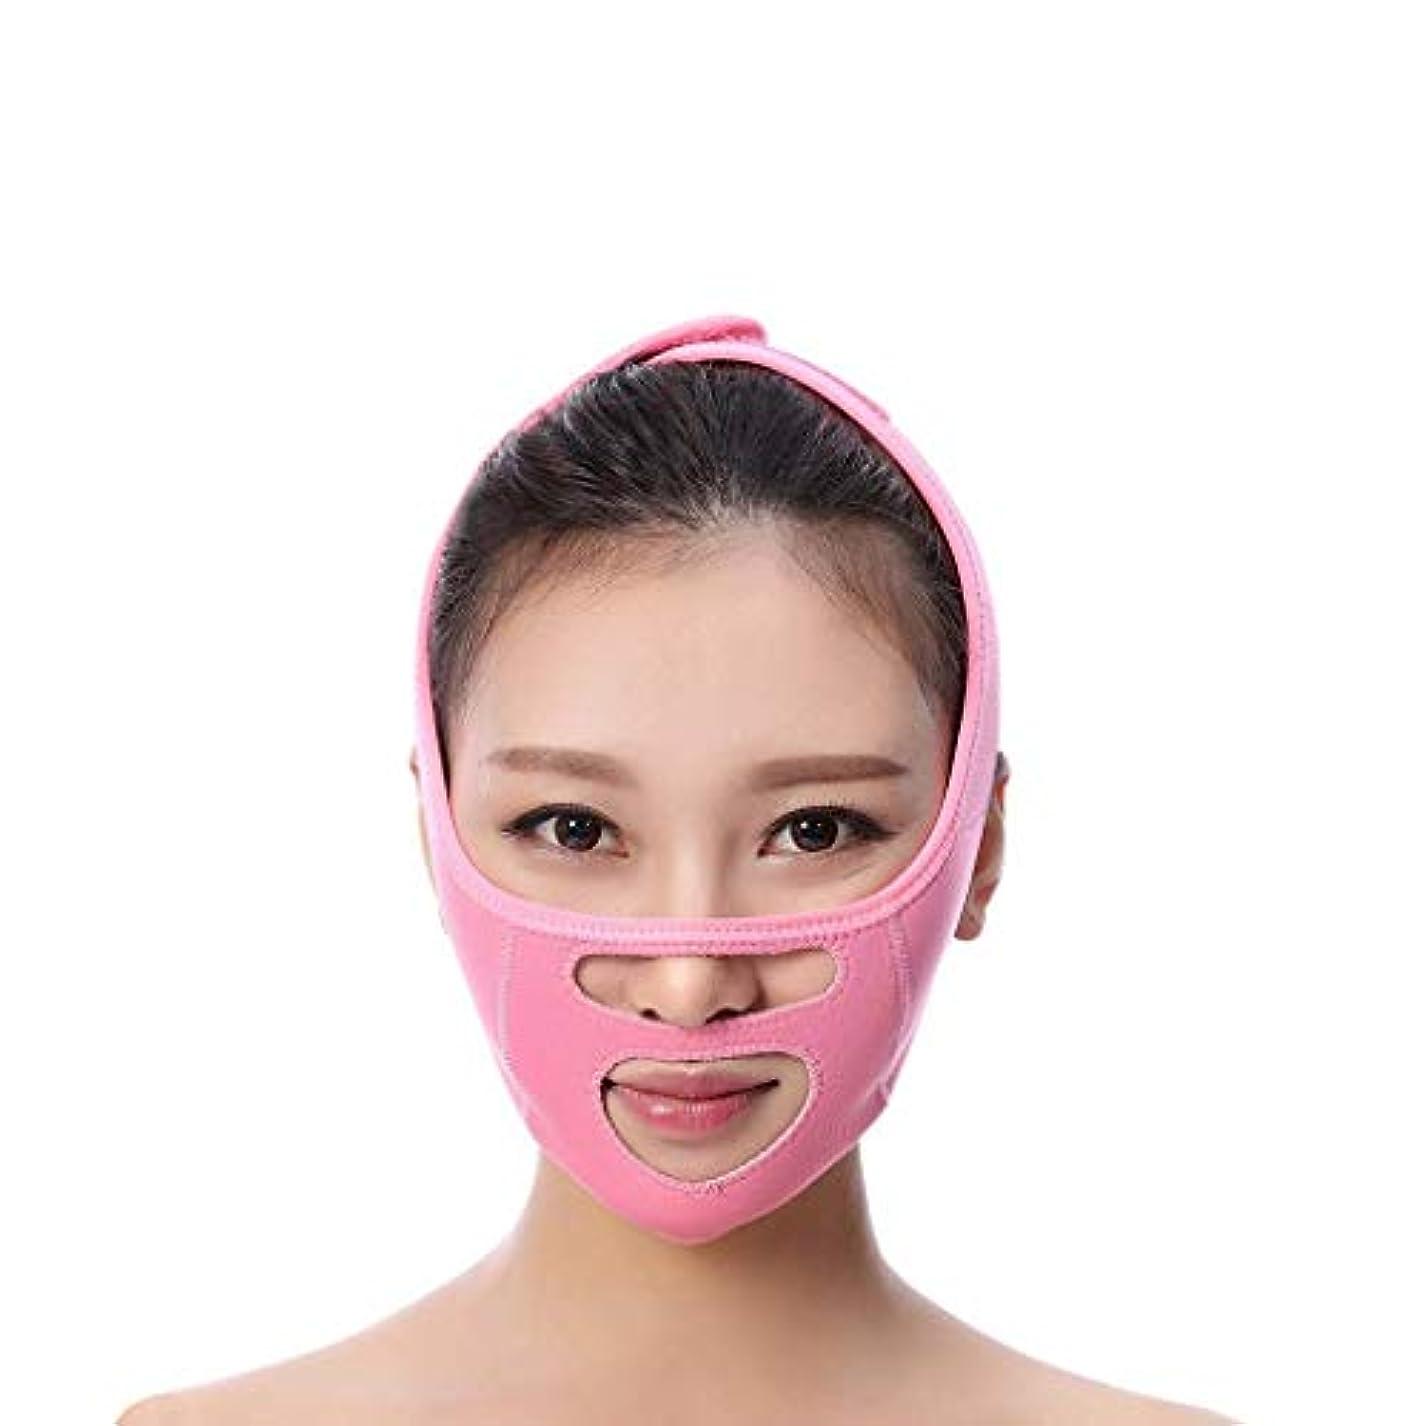 堤防便宜デイジーフェイスリフトテープ&バンド、フェイススリミングマスク、ダブルチン、ダブルチンリデューサー、シワ防止マスク、リフティングシェイプ(フリーサイズ)(カラー:ピンク),ピンク